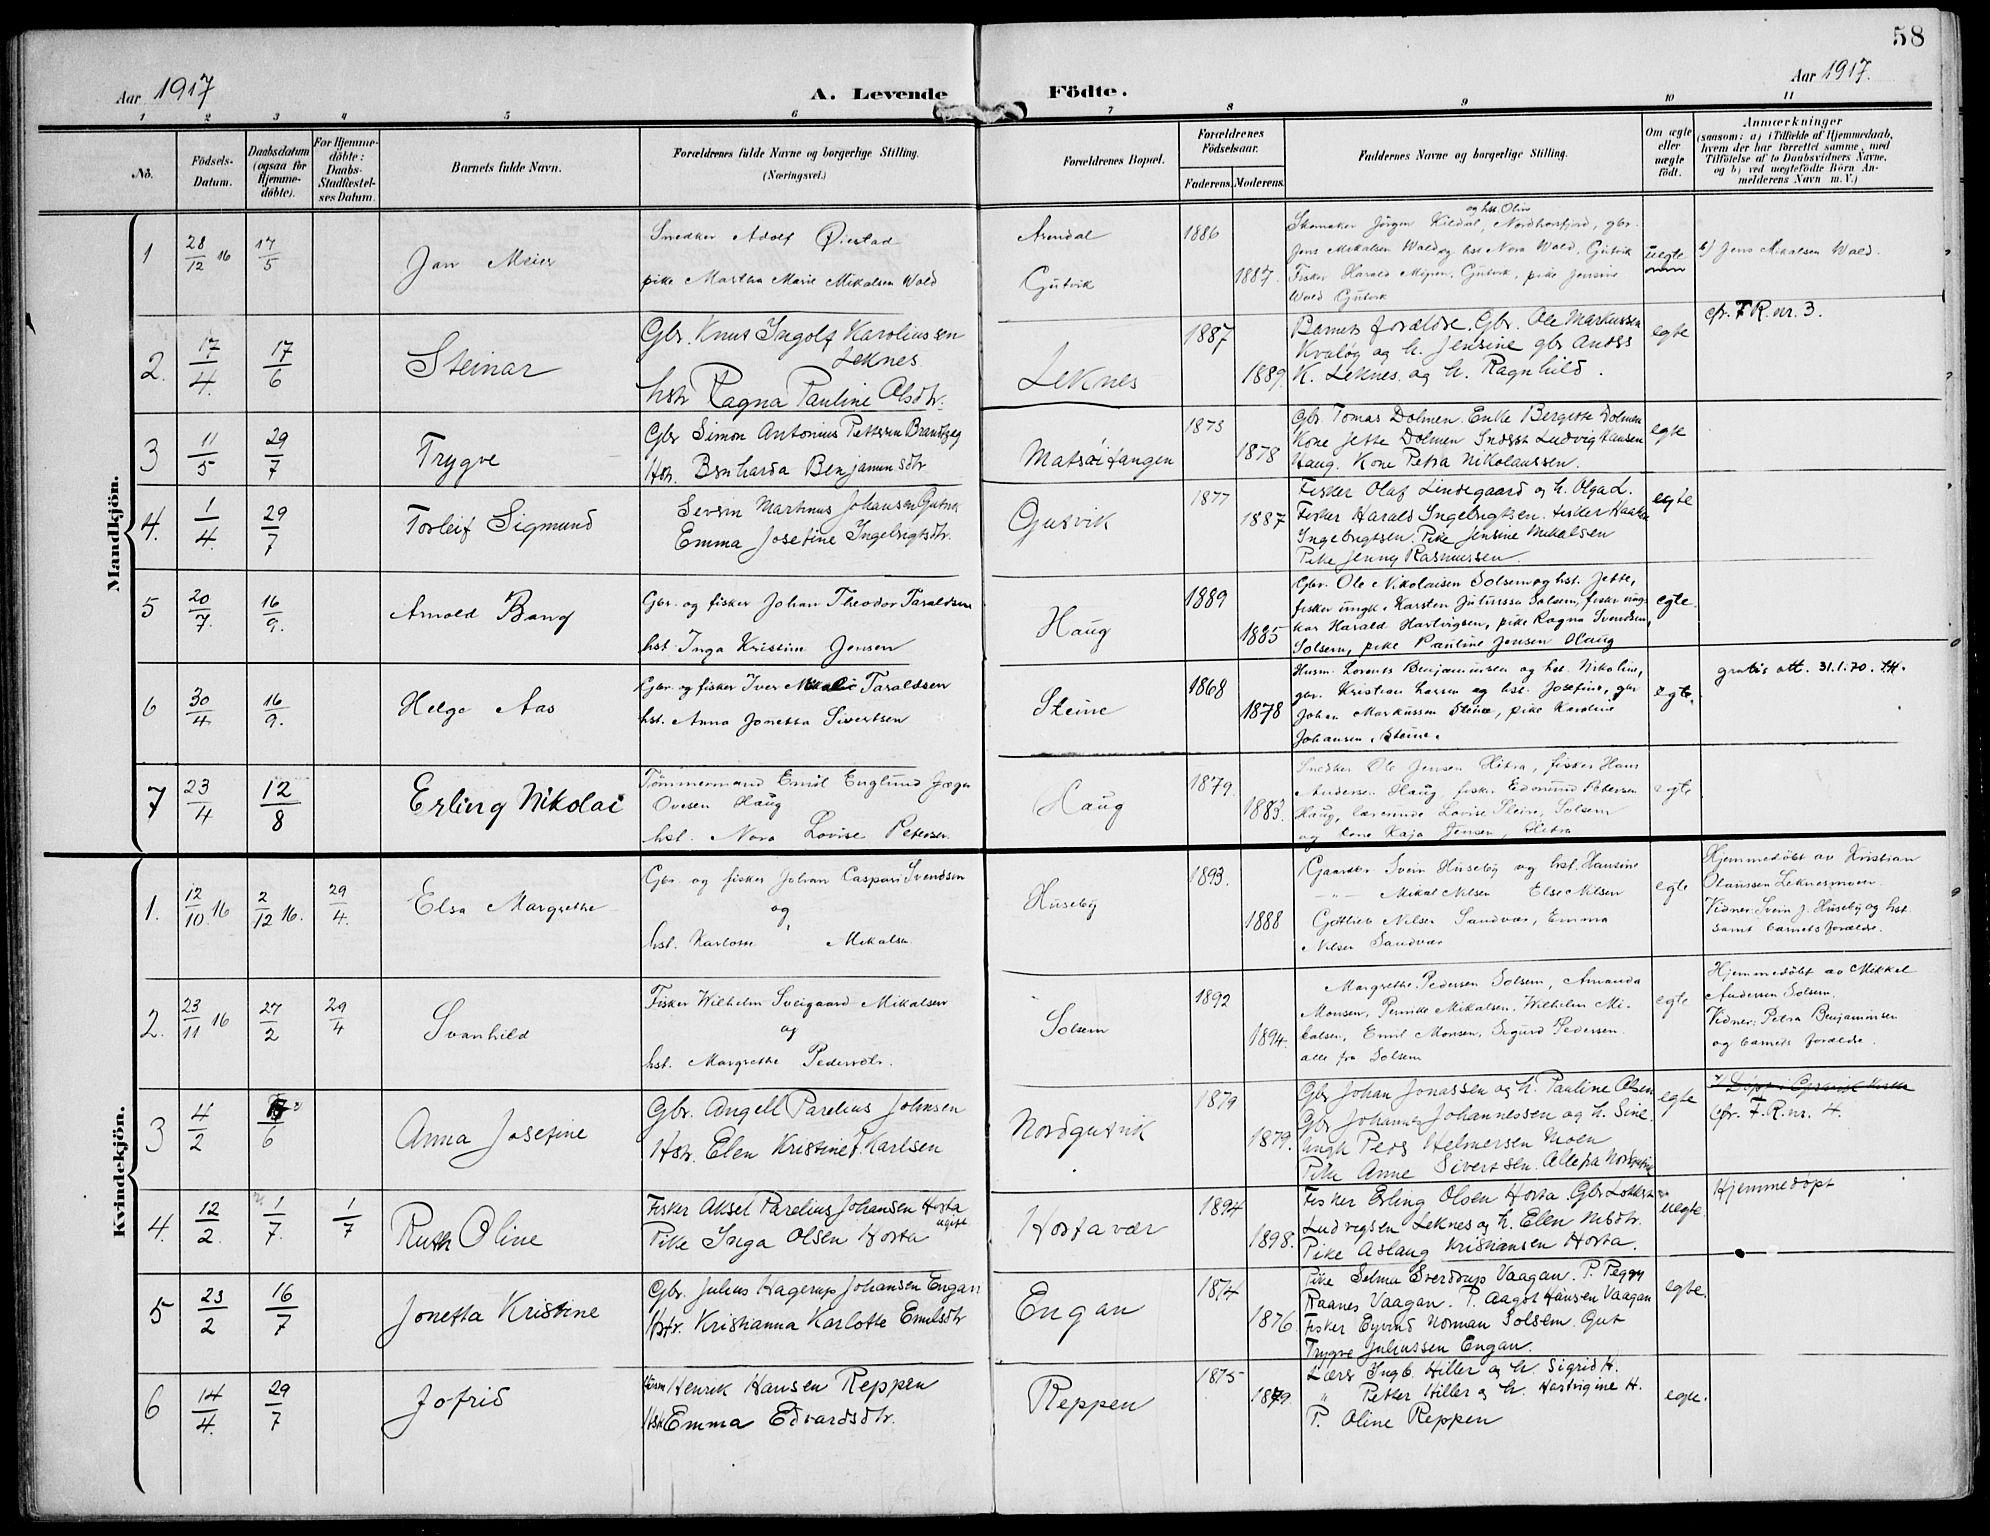 SAT, Ministerialprotokoller, klokkerbøker og fødselsregistre - Nord-Trøndelag, 788/L0698: Ministerialbok nr. 788A05, 1902-1921, s. 58